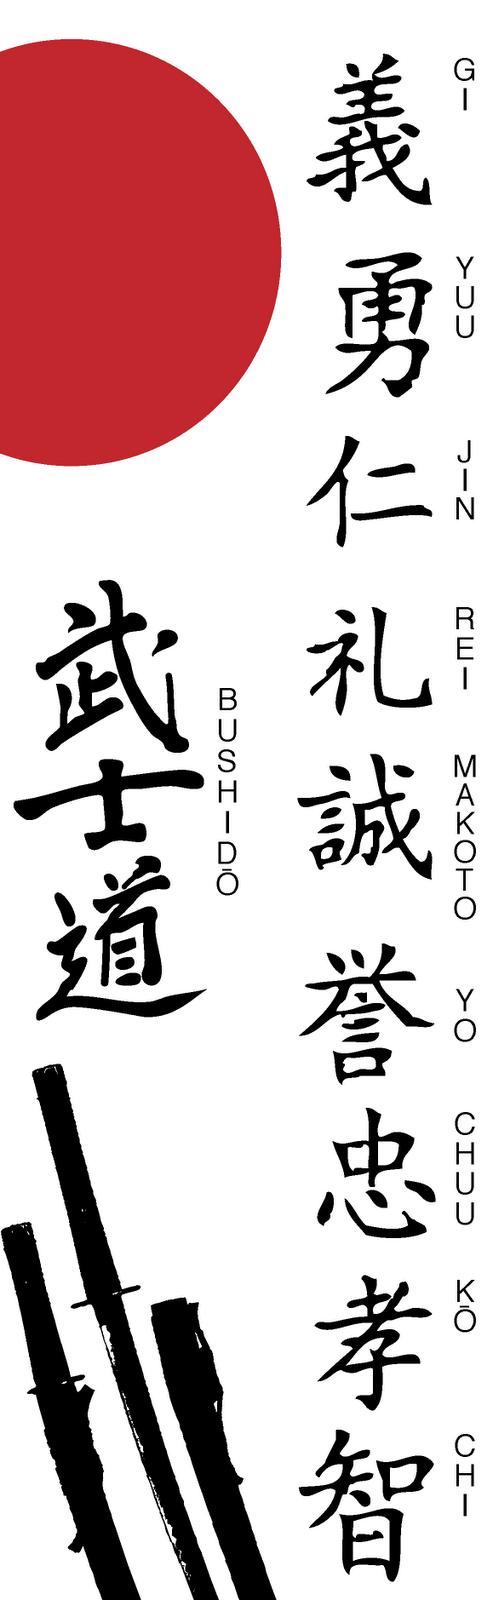 top bushido symbol images for pinterest tattoos. Black Bedroom Furniture Sets. Home Design Ideas